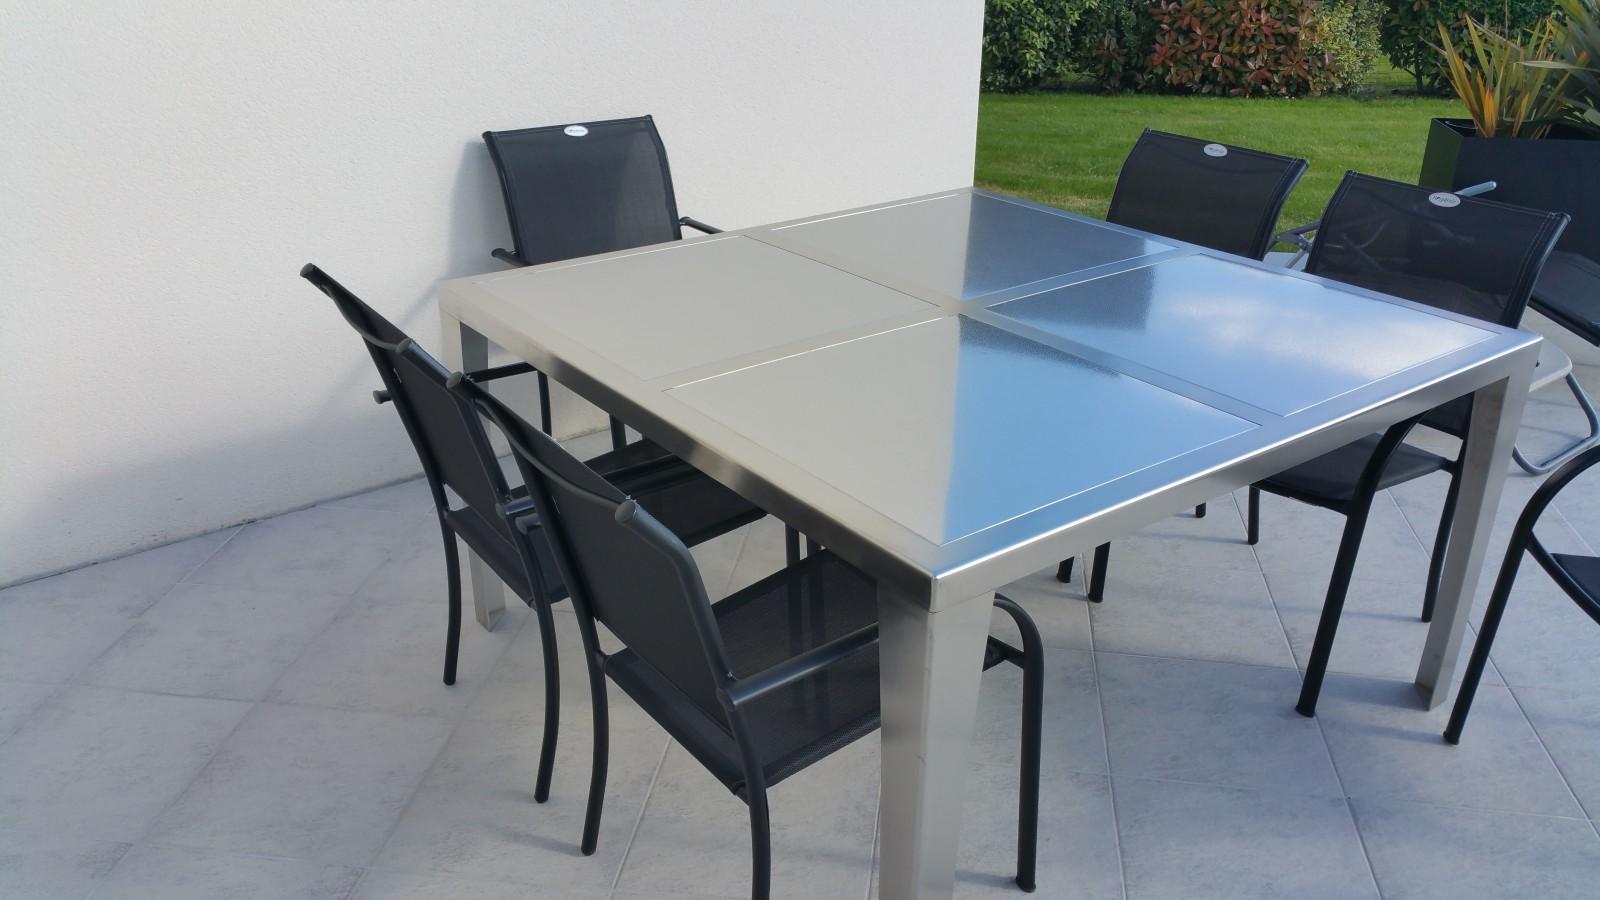 Salon de jardin en inox - Maison mobilier et design